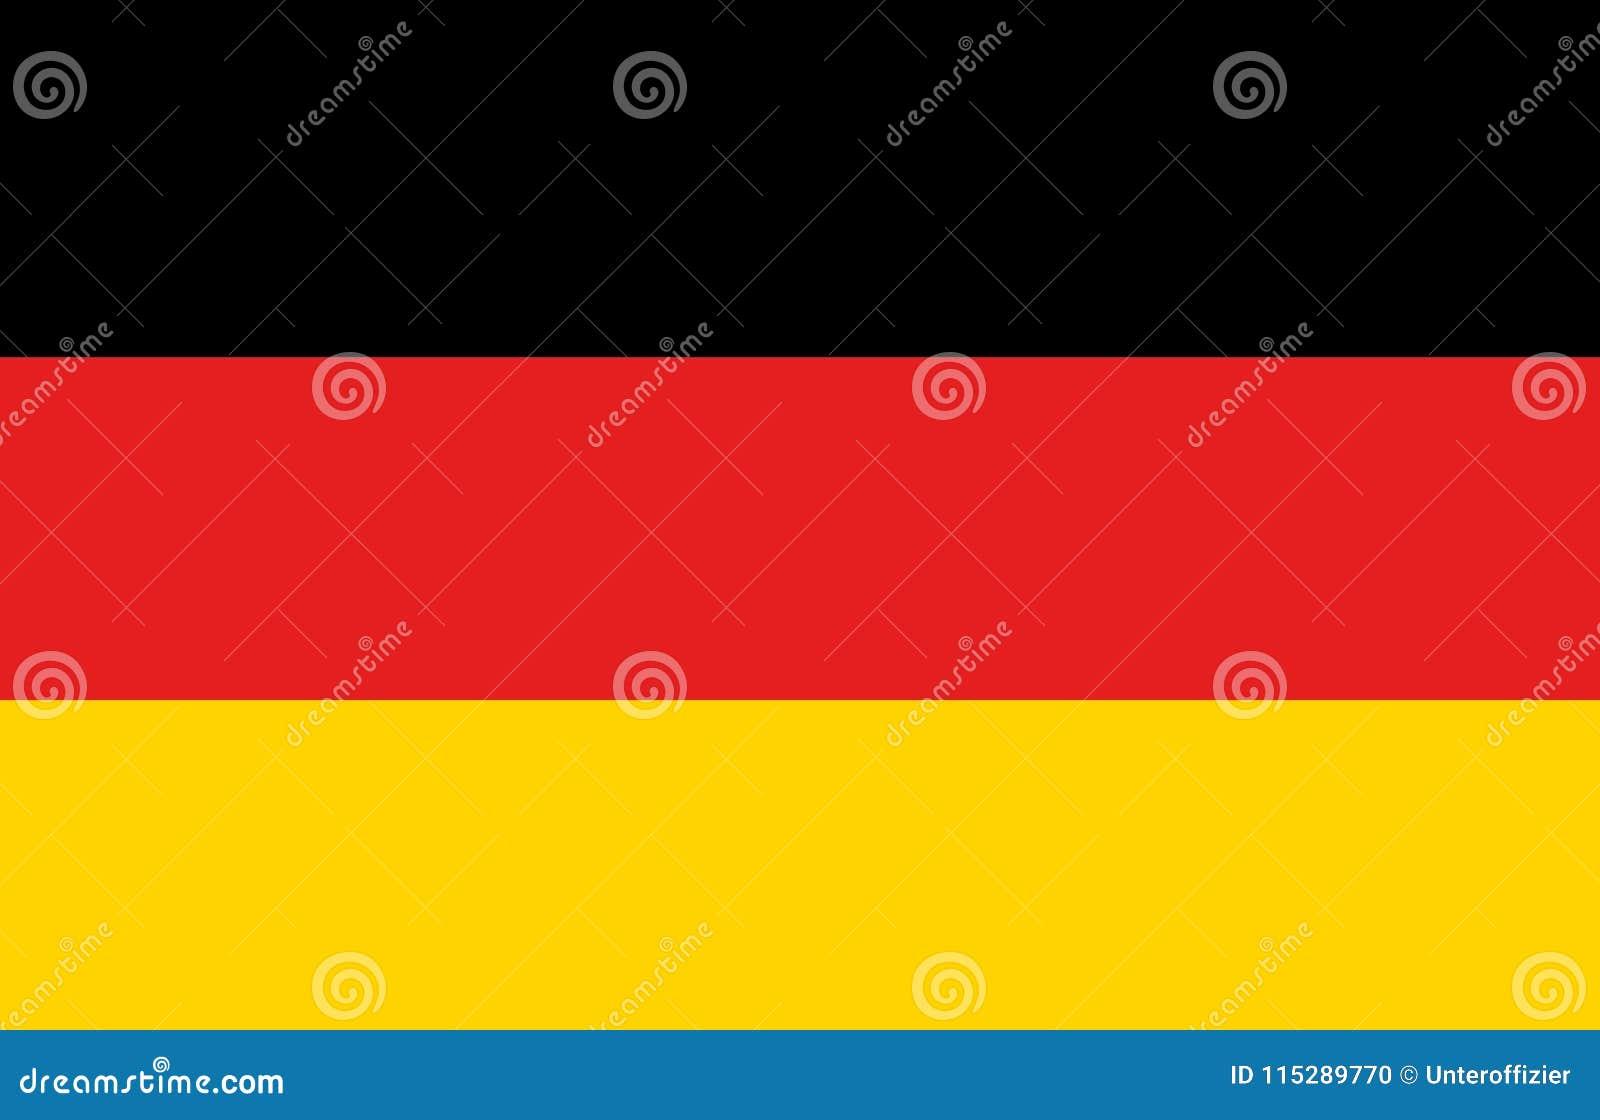 En dator frambragte diagramillustrationen av flaggan av Tyskland